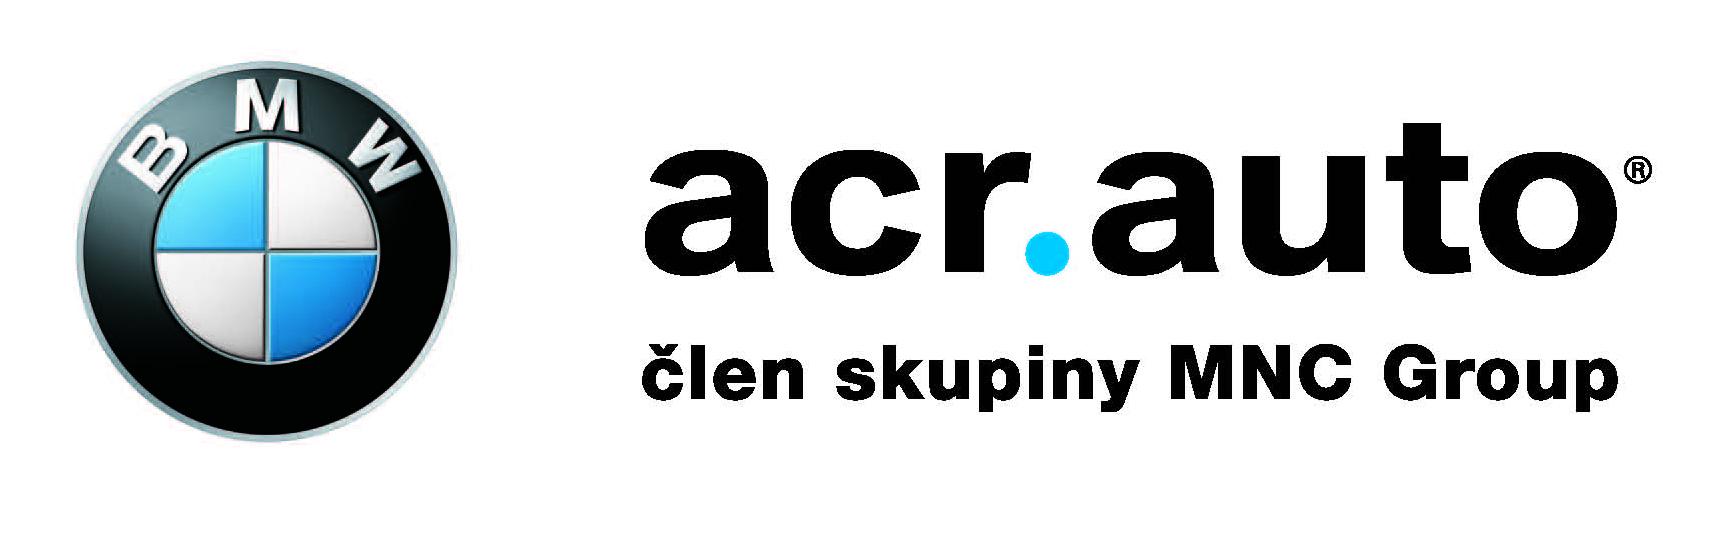 ACR logo s MNC Group jen napis a BMW tucne